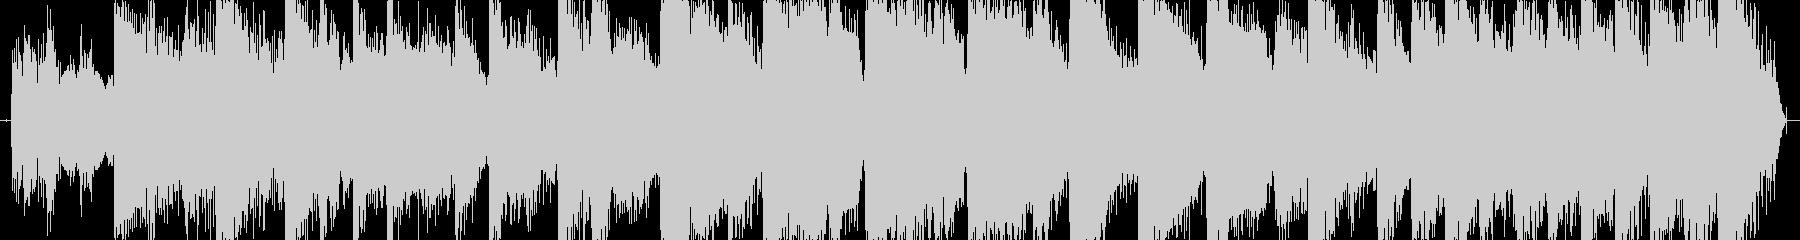 場面転換ジングル10秒の未再生の波形